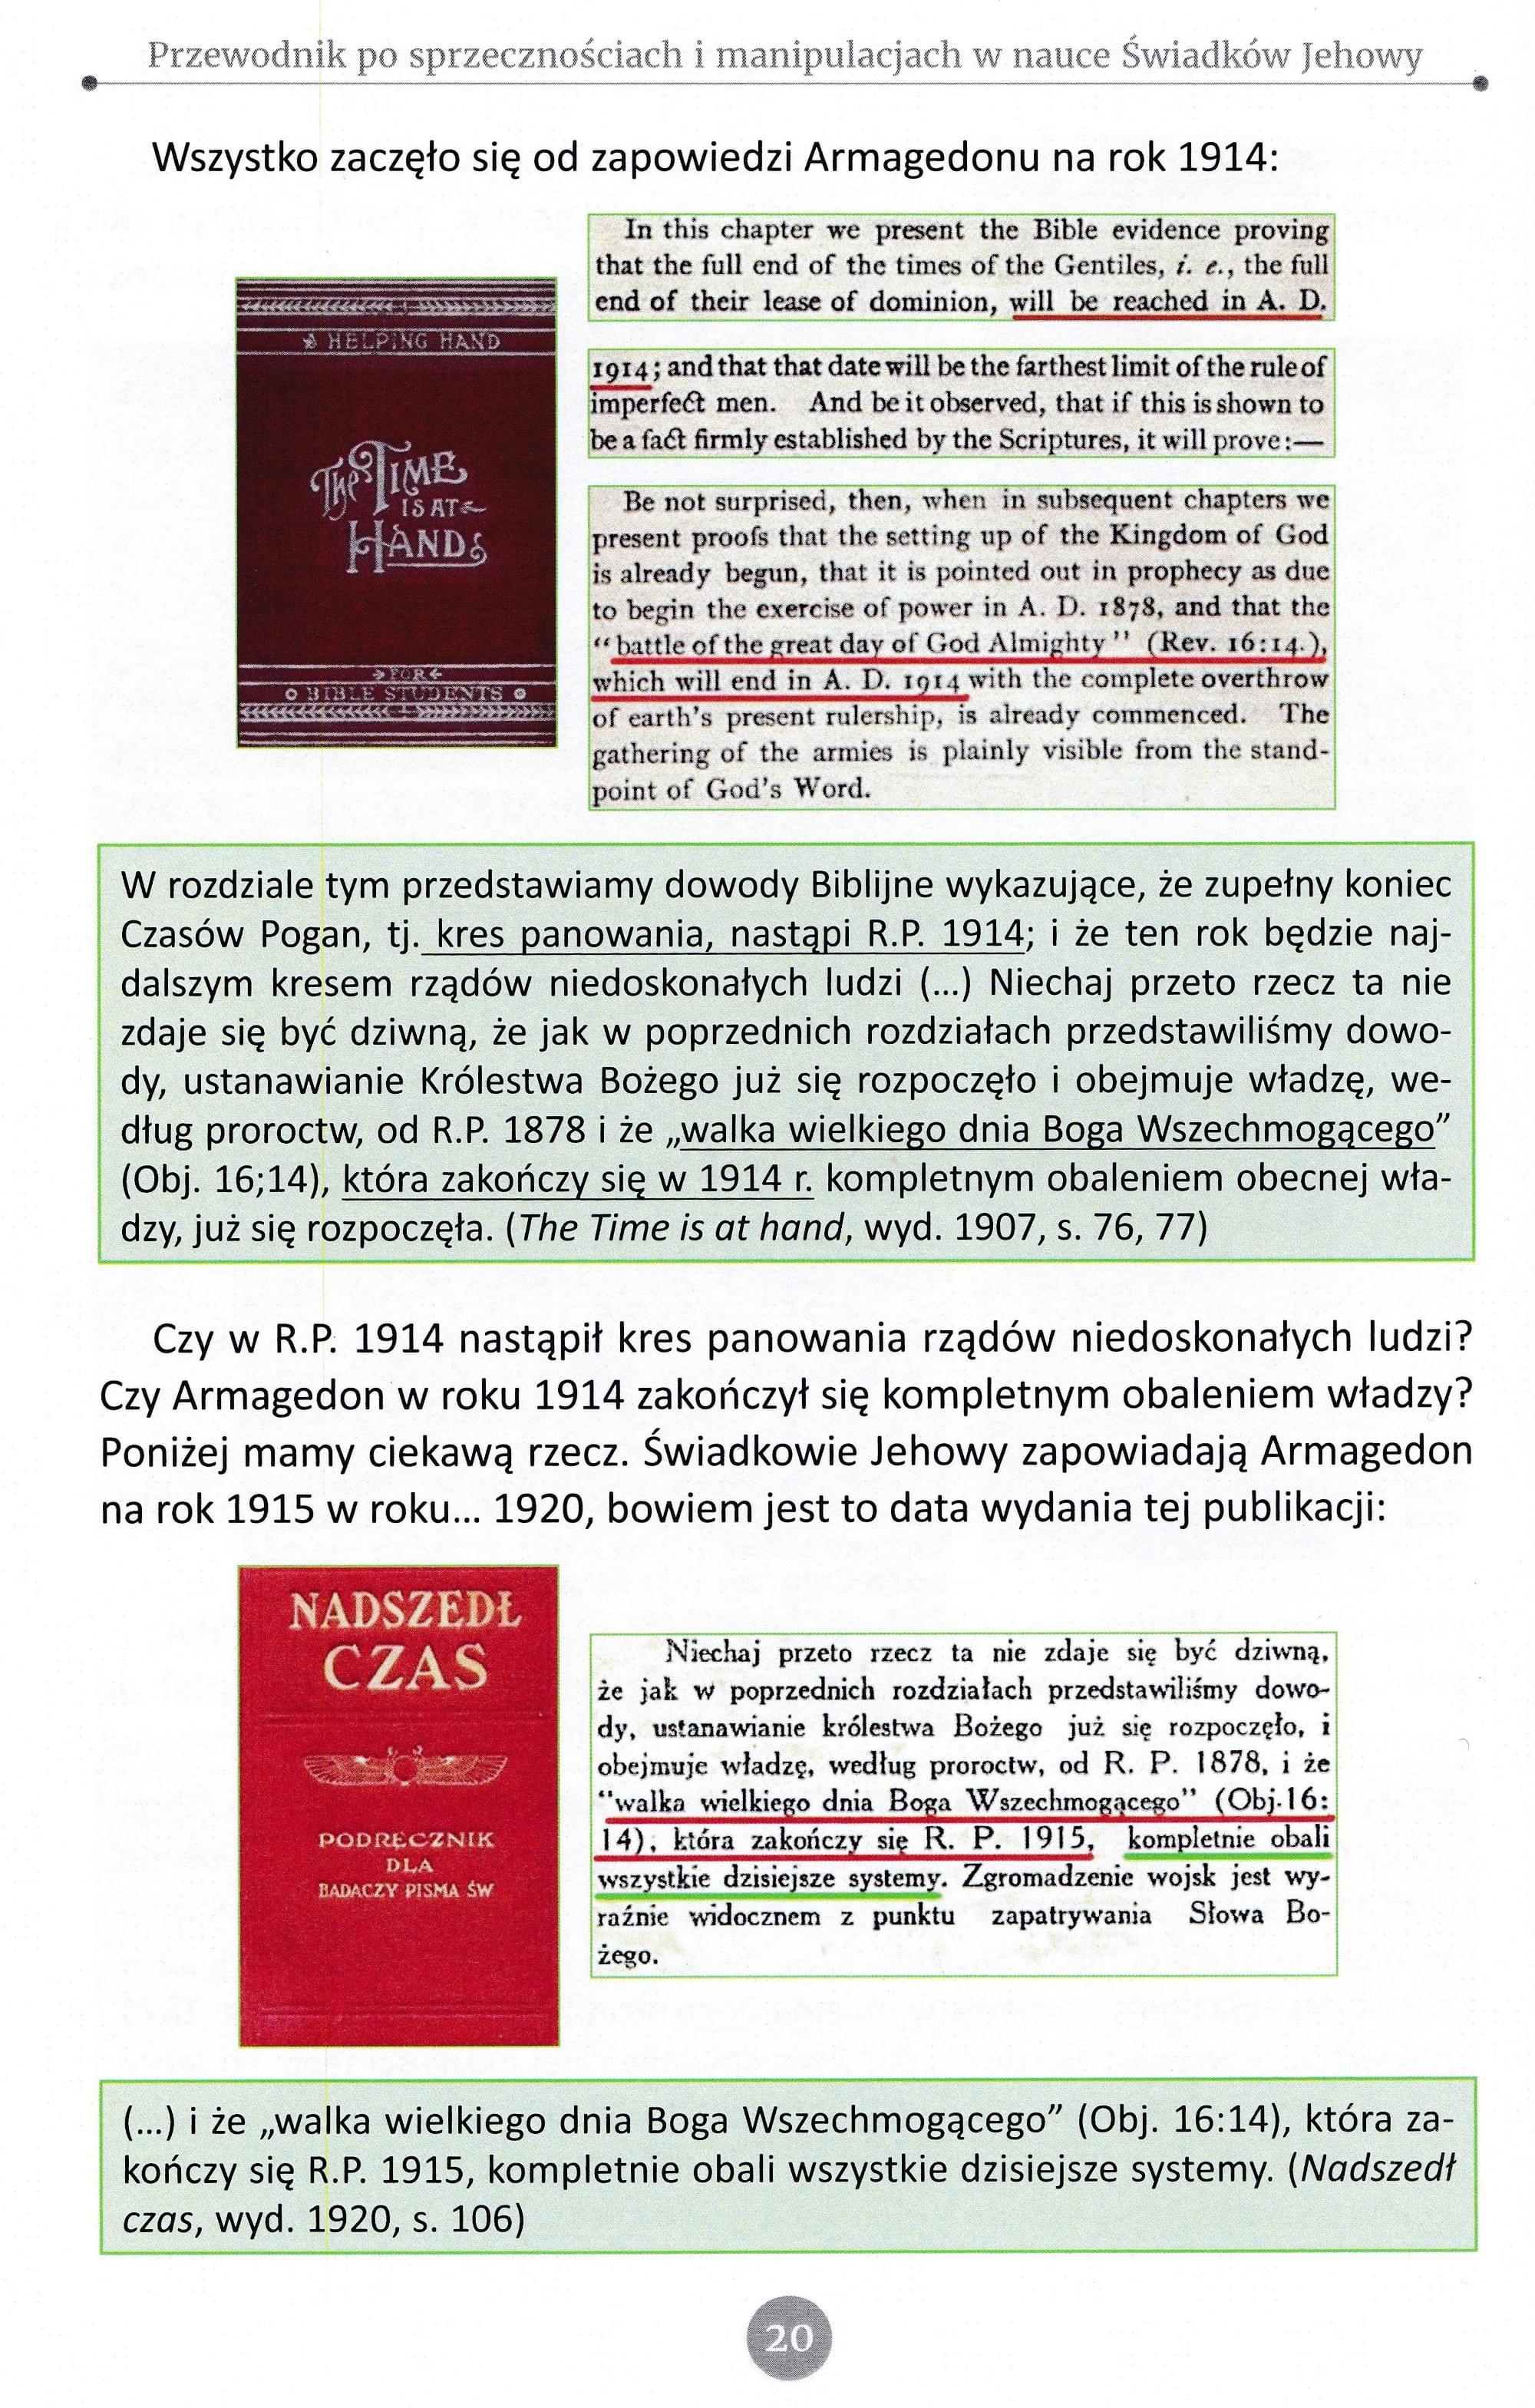 Przewodnik po sprzecznościach i manipulacjach w nauce Świadków Jehowy